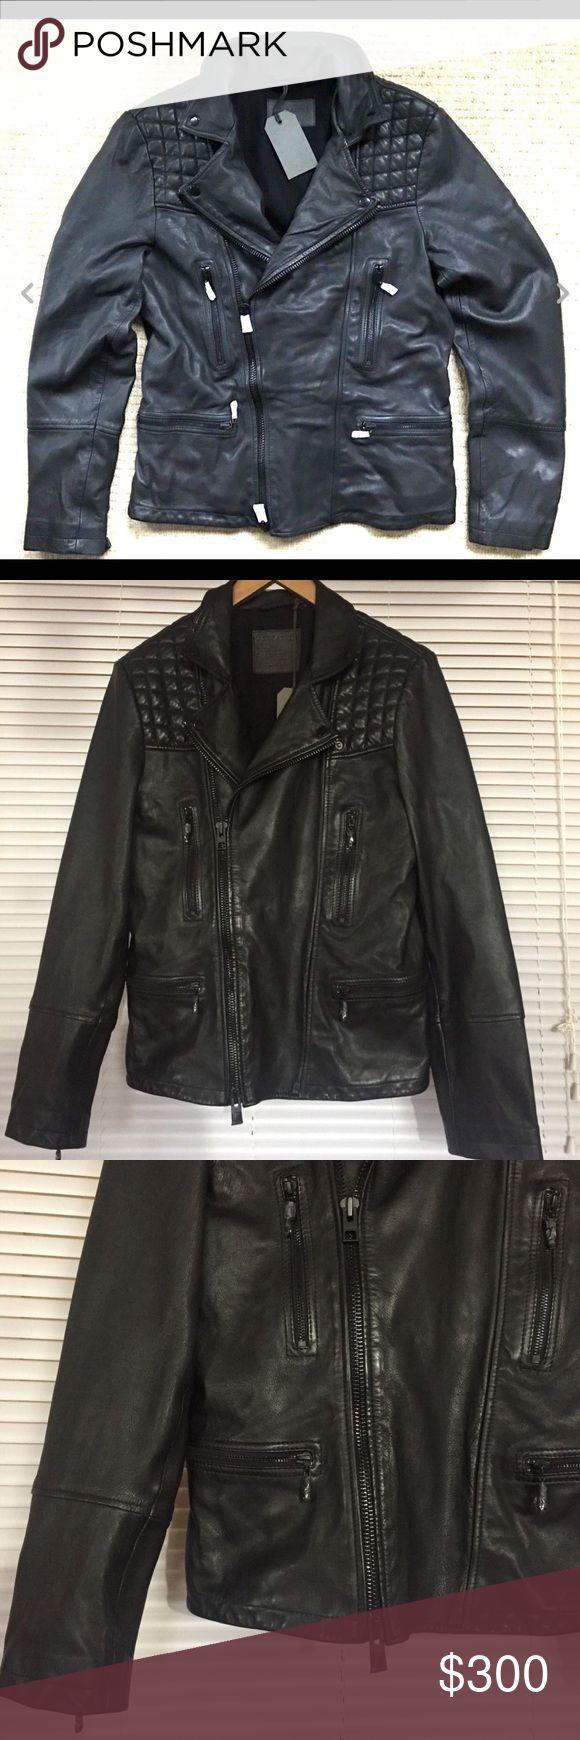 Allsaints Catch Black Leather Jacket M L For Sale is a